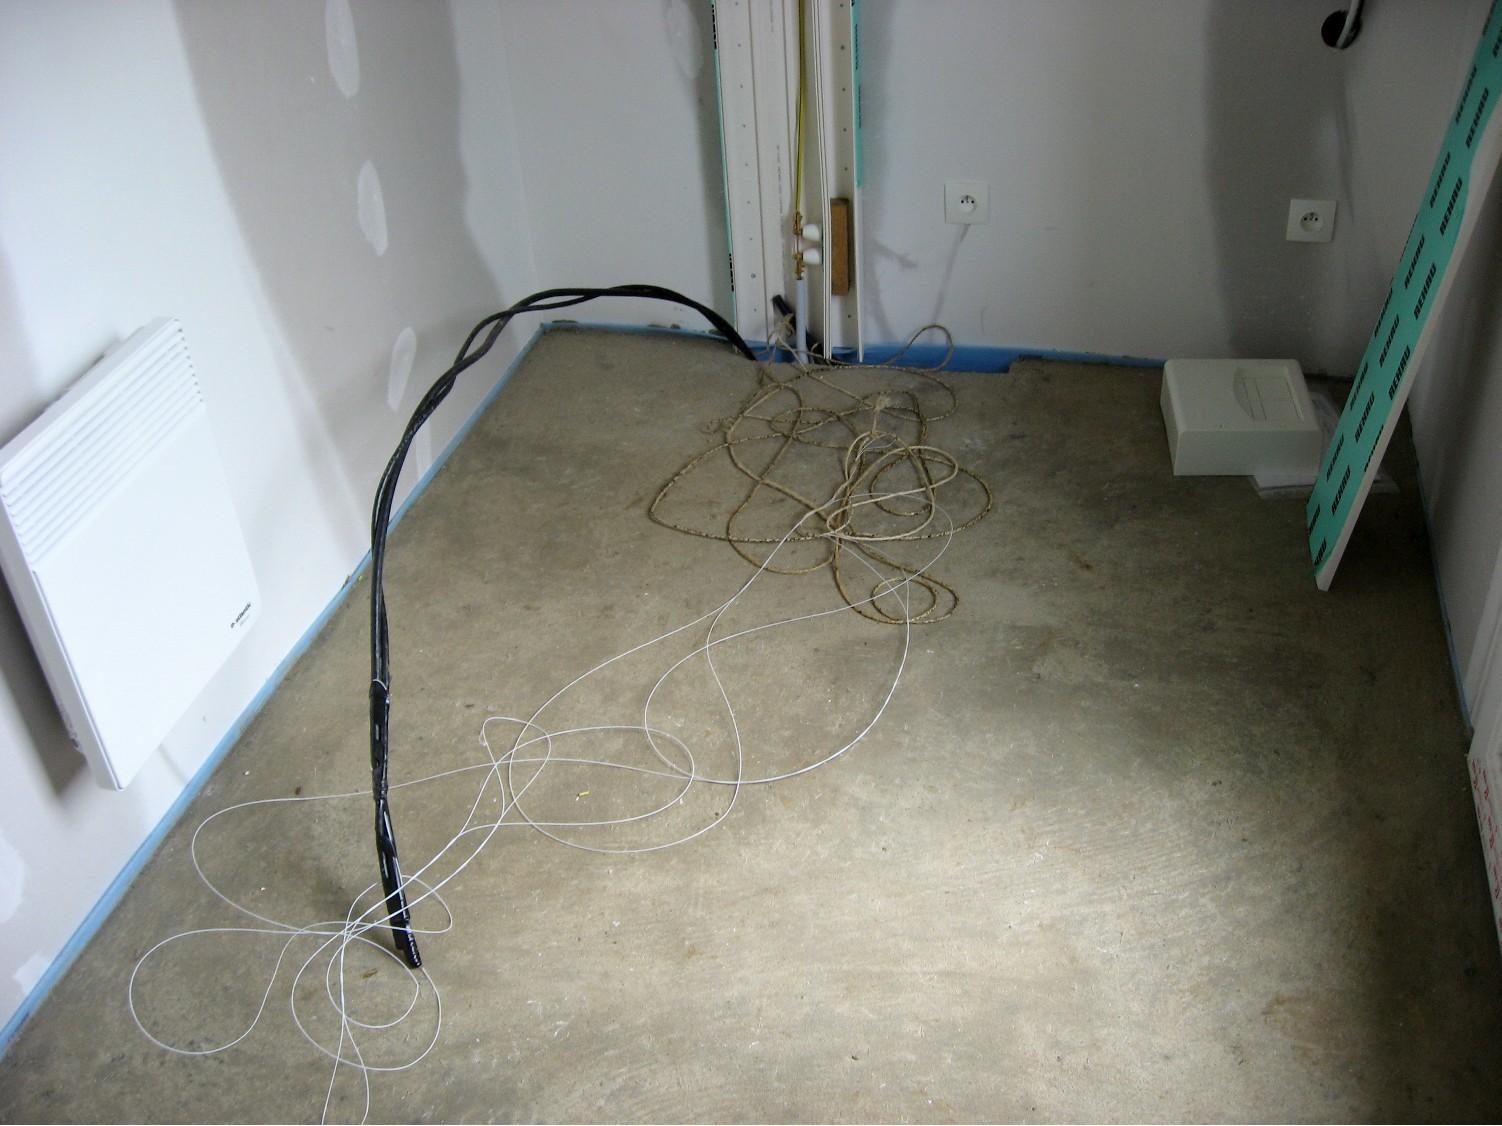 Raccordement du câble sur le réseau aérien le raccordement se fait à laide de cosse à broches qui se brochent dans les câbles lorsquelles sont serrées